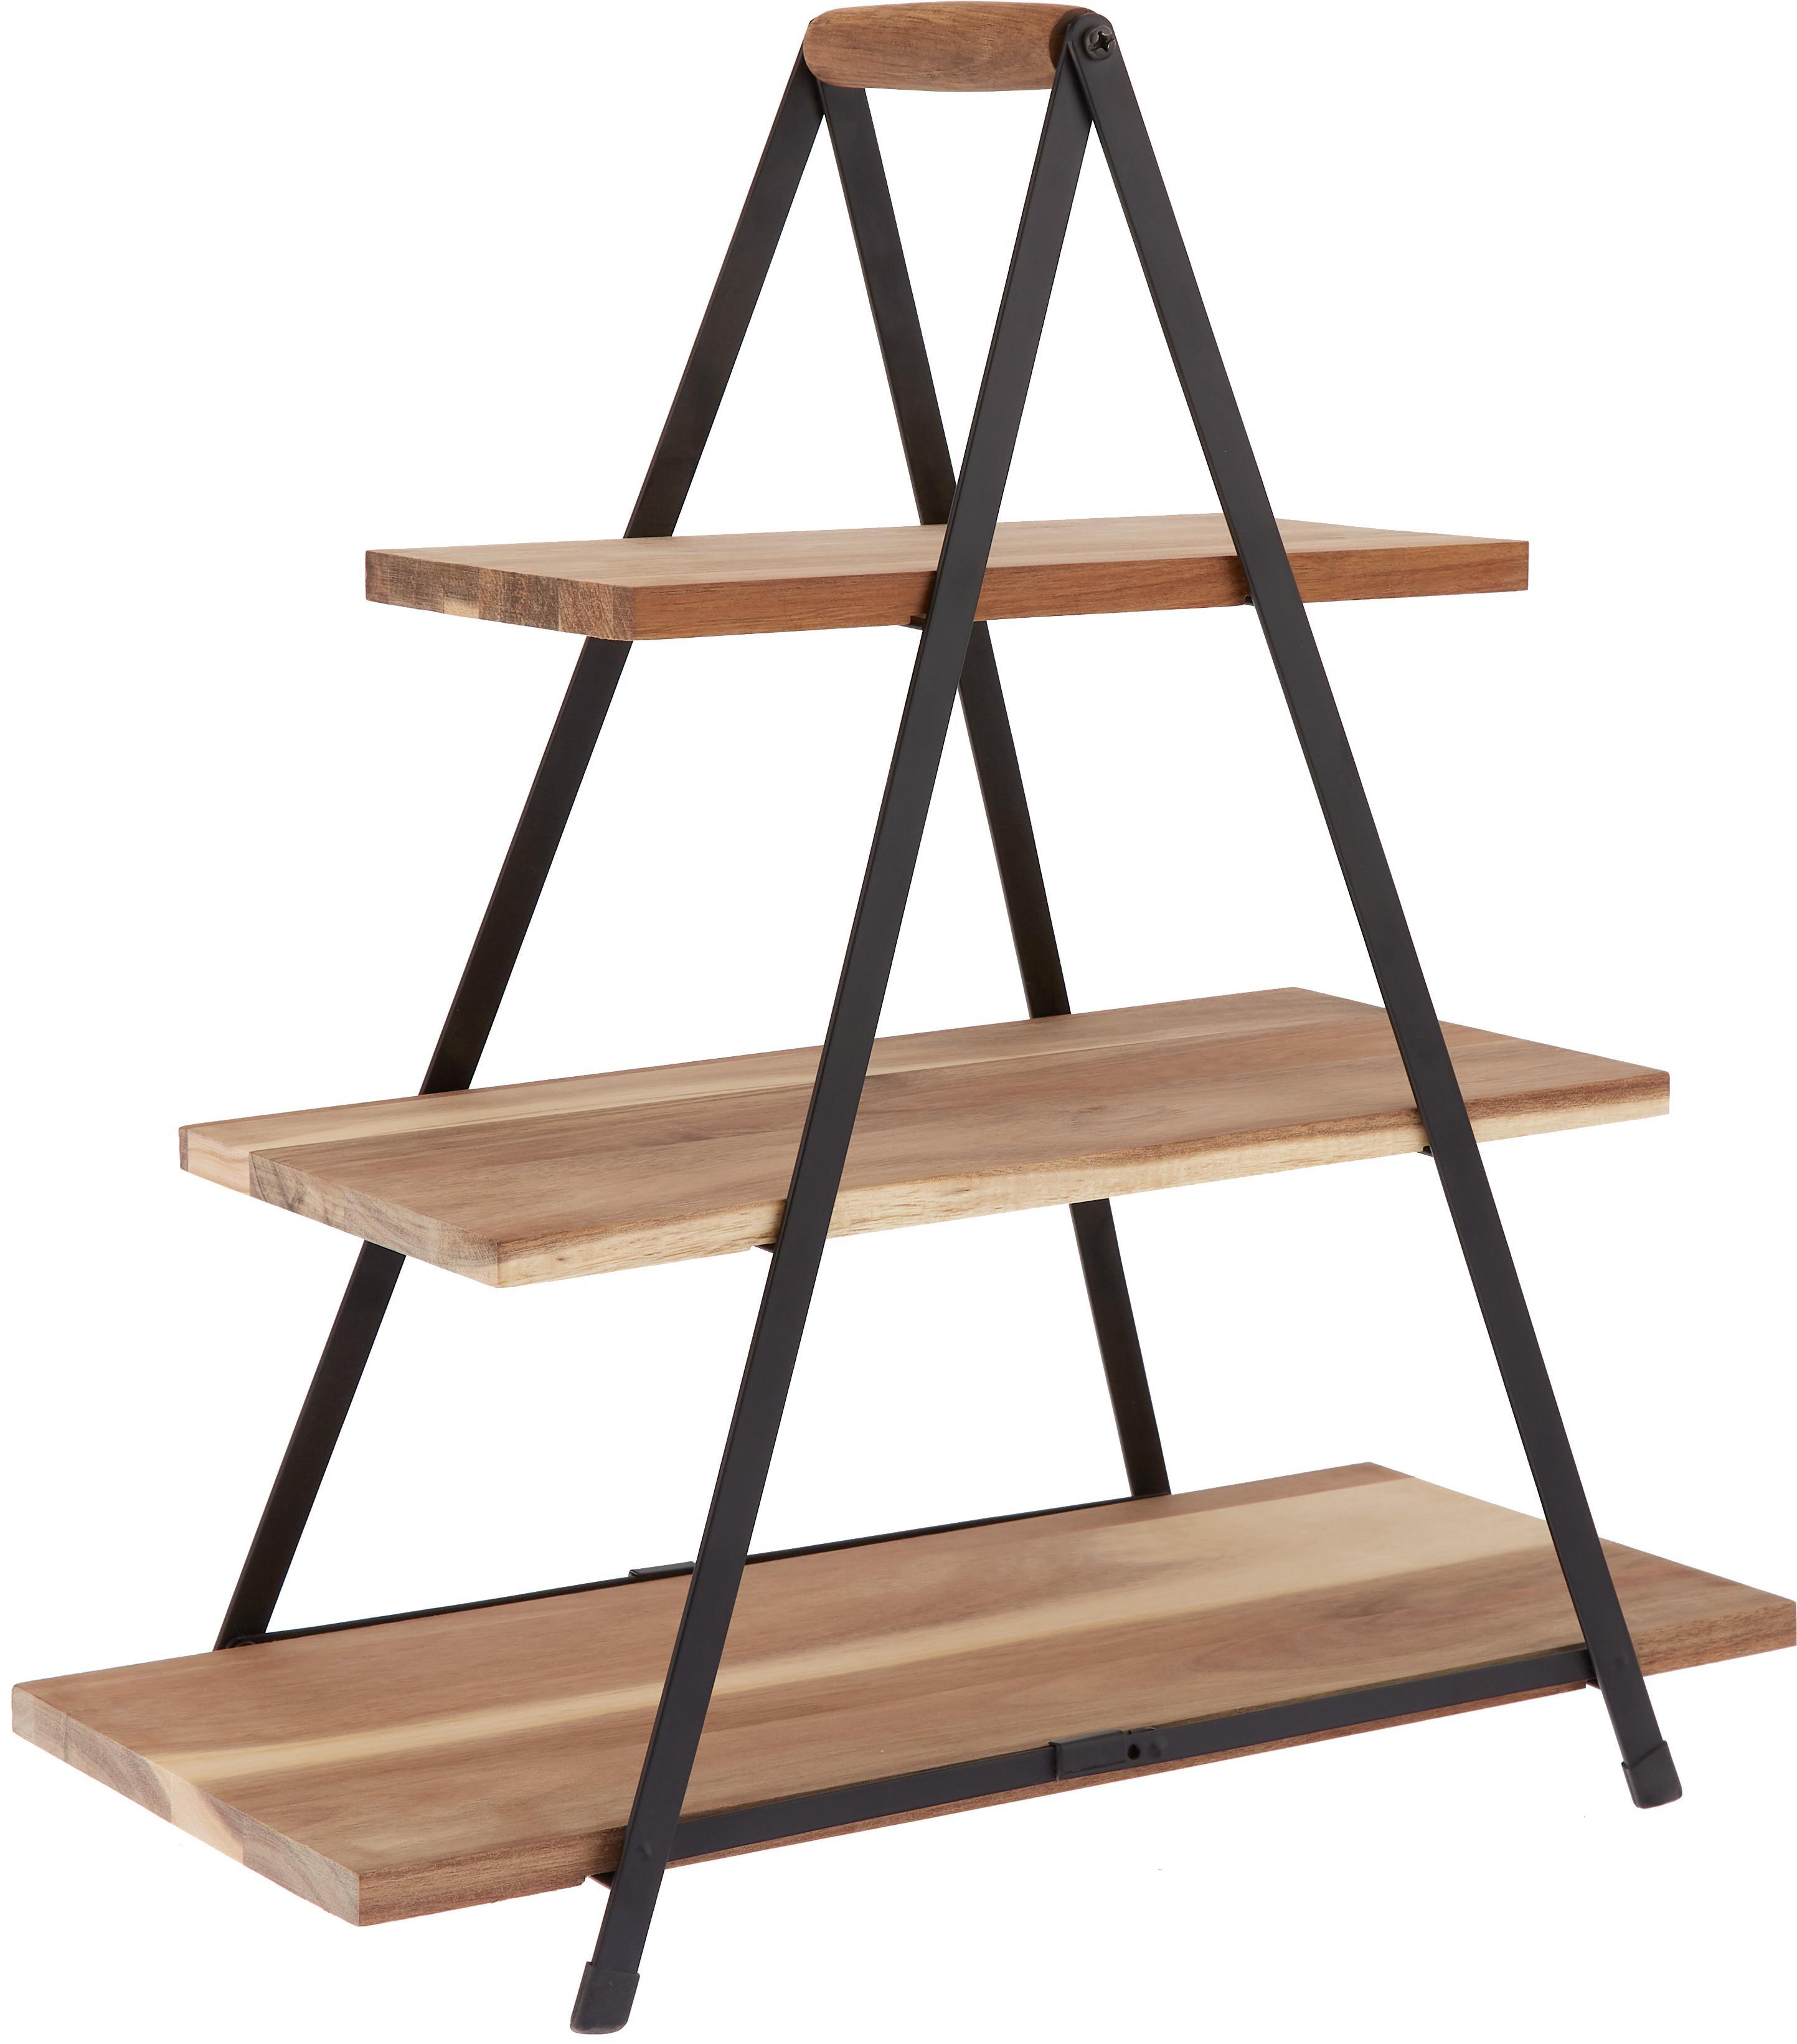 Fuente 3 pisos Serve, Estantes: madera de acacia, Patas: metal pintado, Marrón, An 30 x Al 55 cm